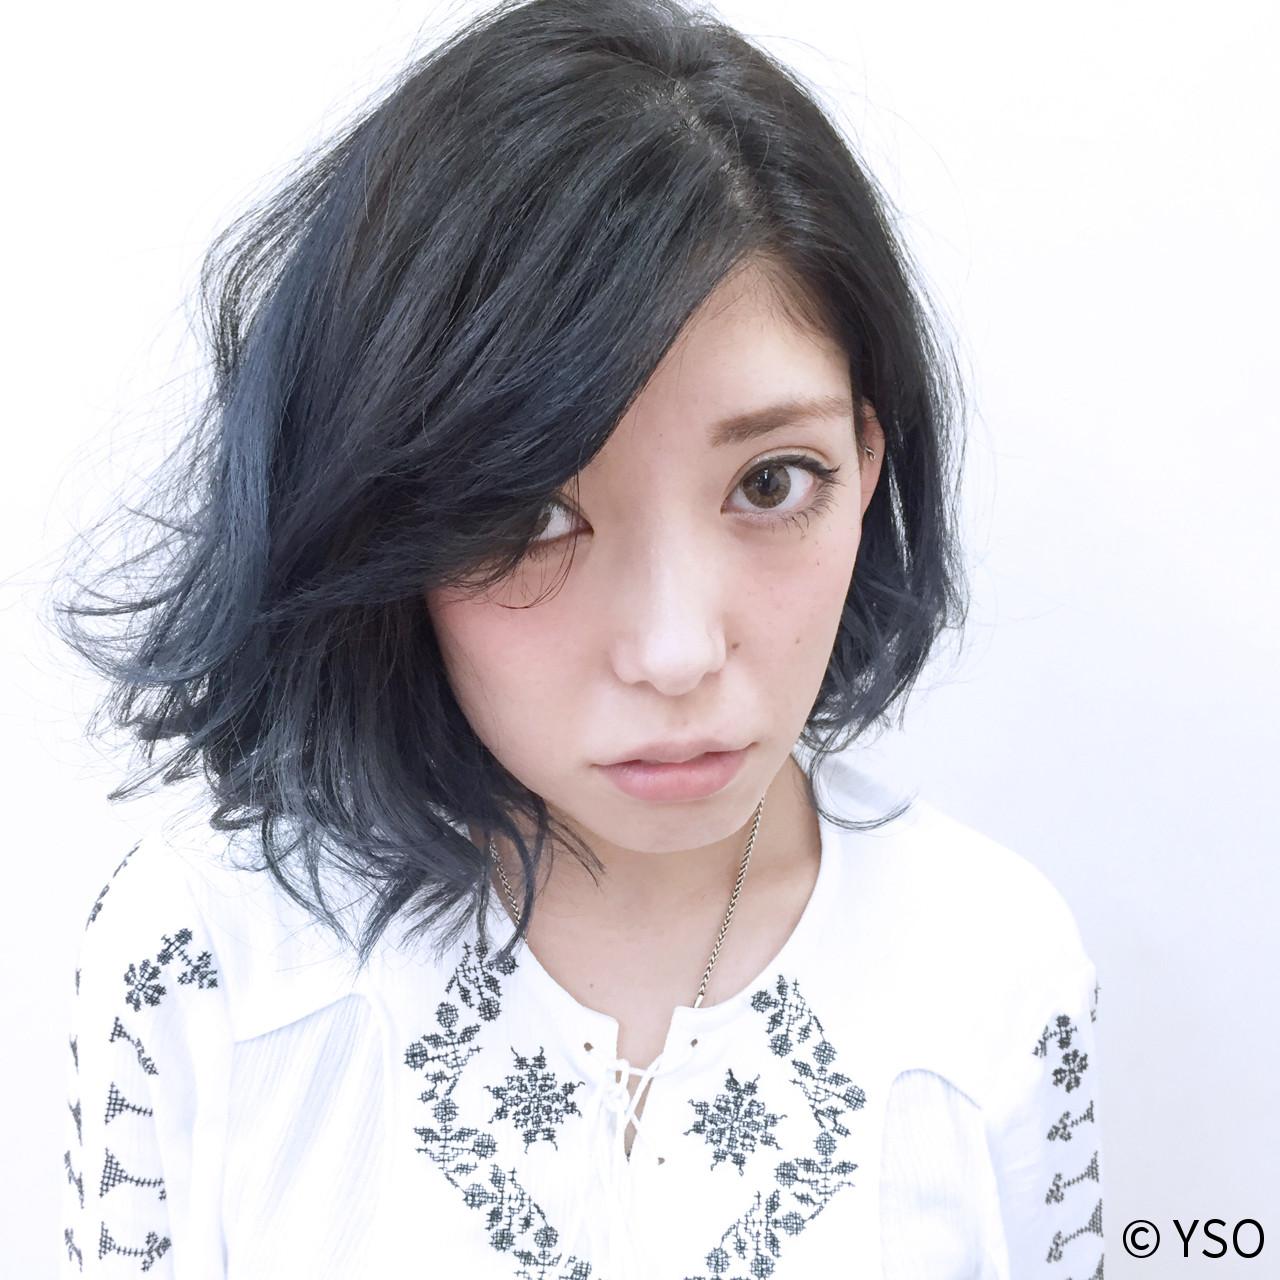 ボブ ブルー ストレート 暗髪 ヘアスタイルや髪型の写真・画像 | YSO / 電髪倶楽部street